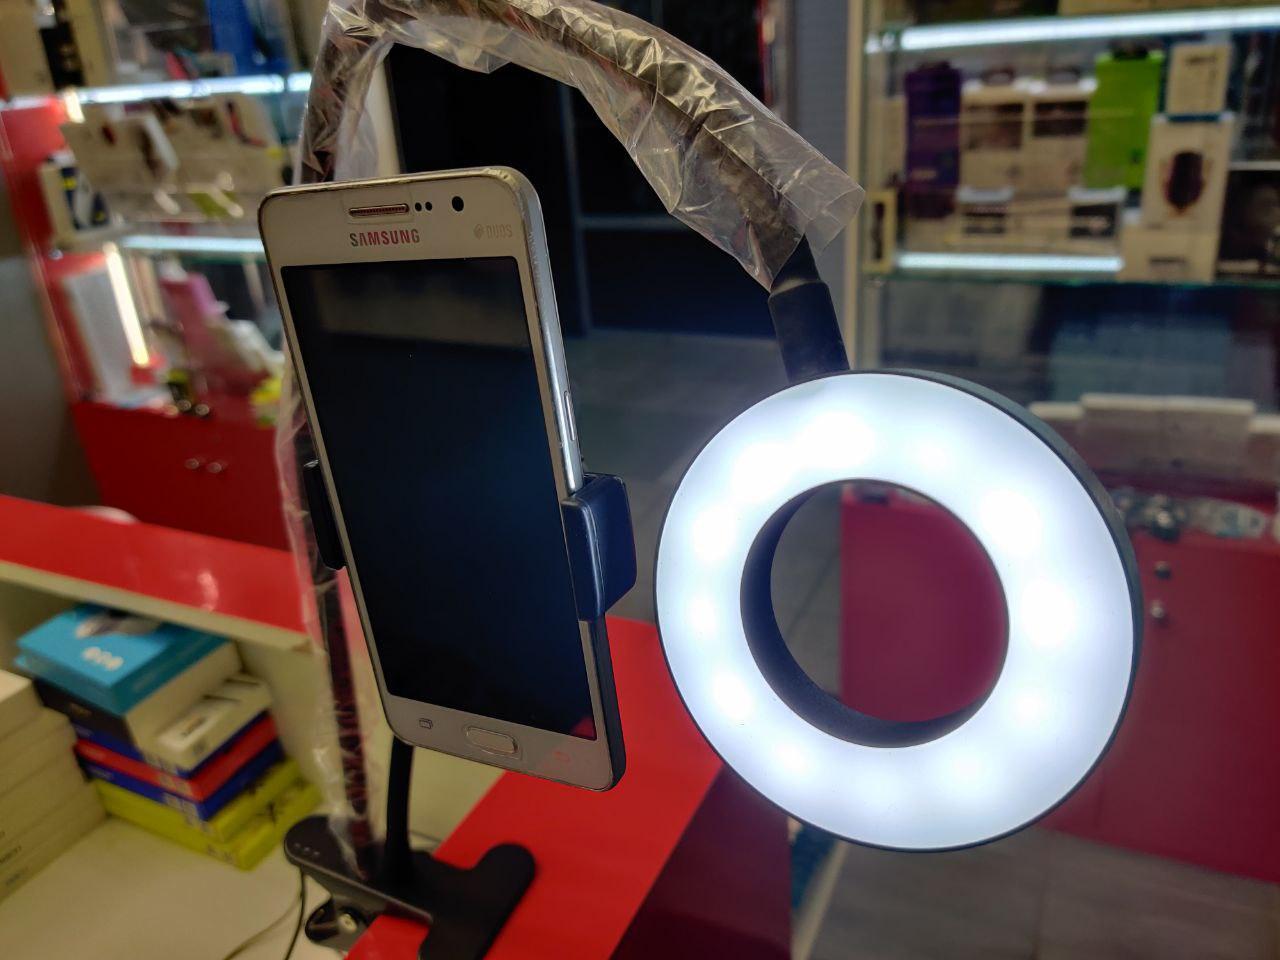 Лампа кольцевая с держателем для смартфона в Москве 89771038898 купить 3